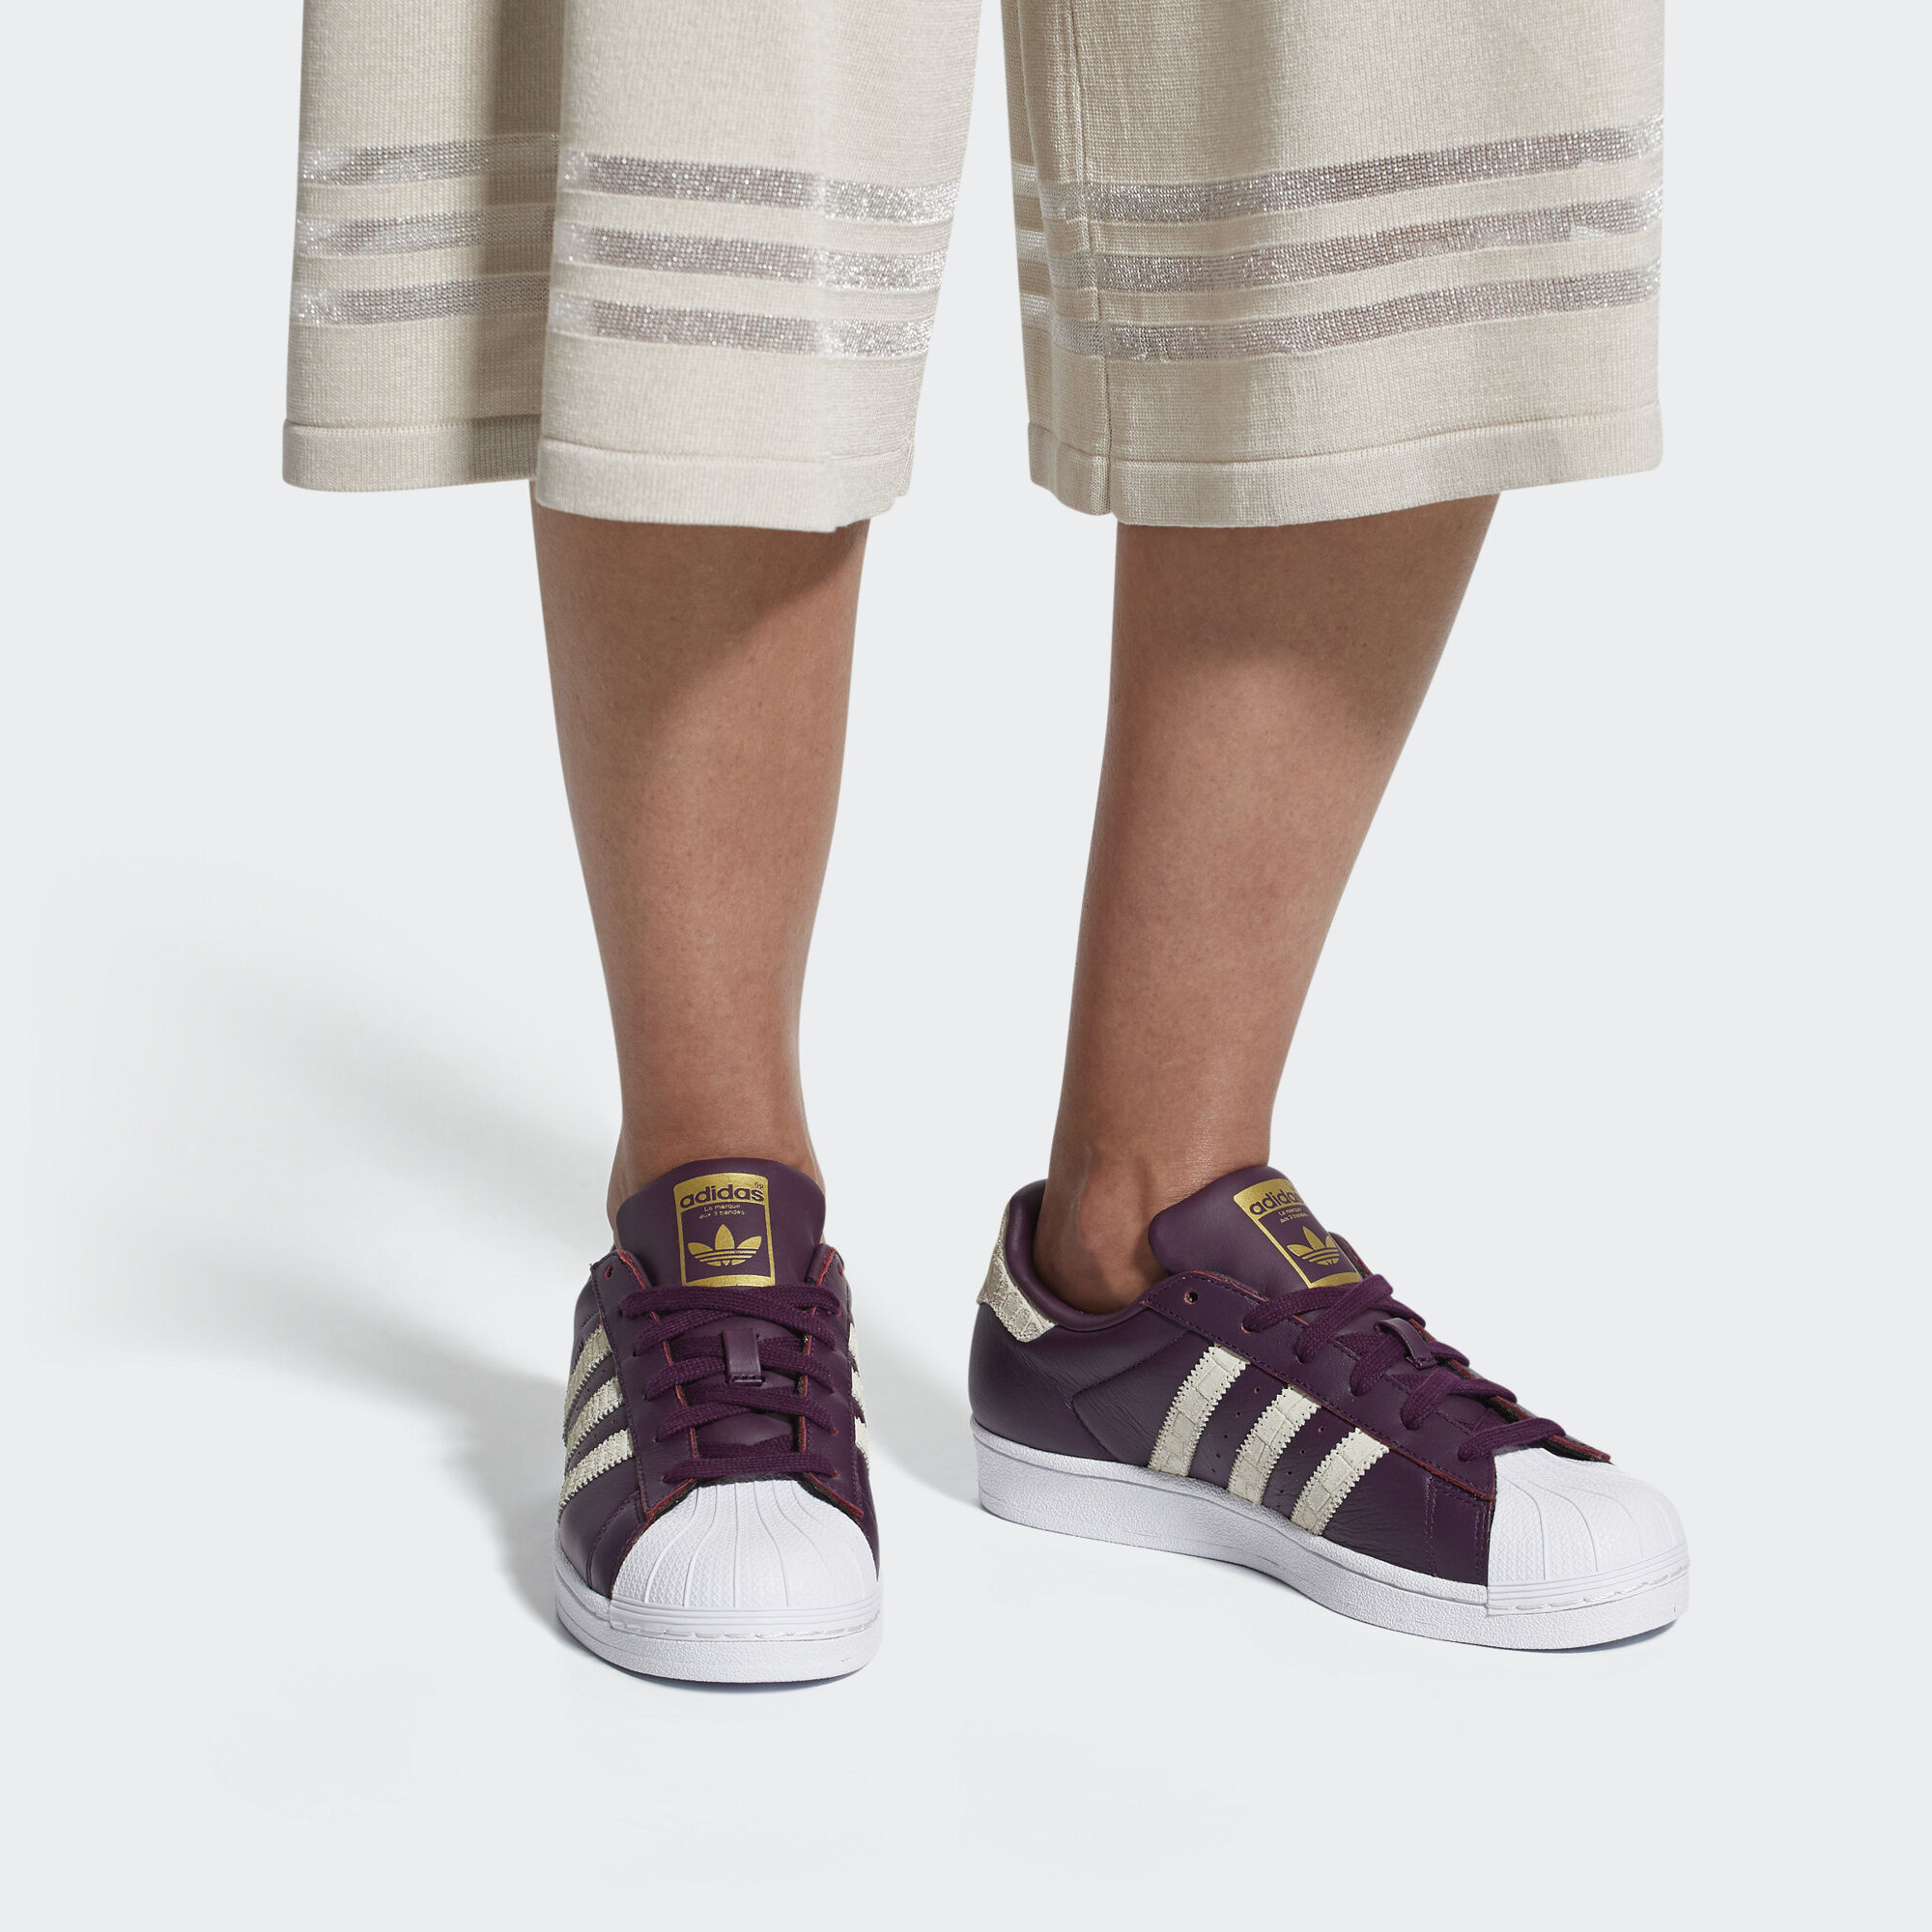 adidas Sapatos Superstar - Branco  d8a01e3a5cc95